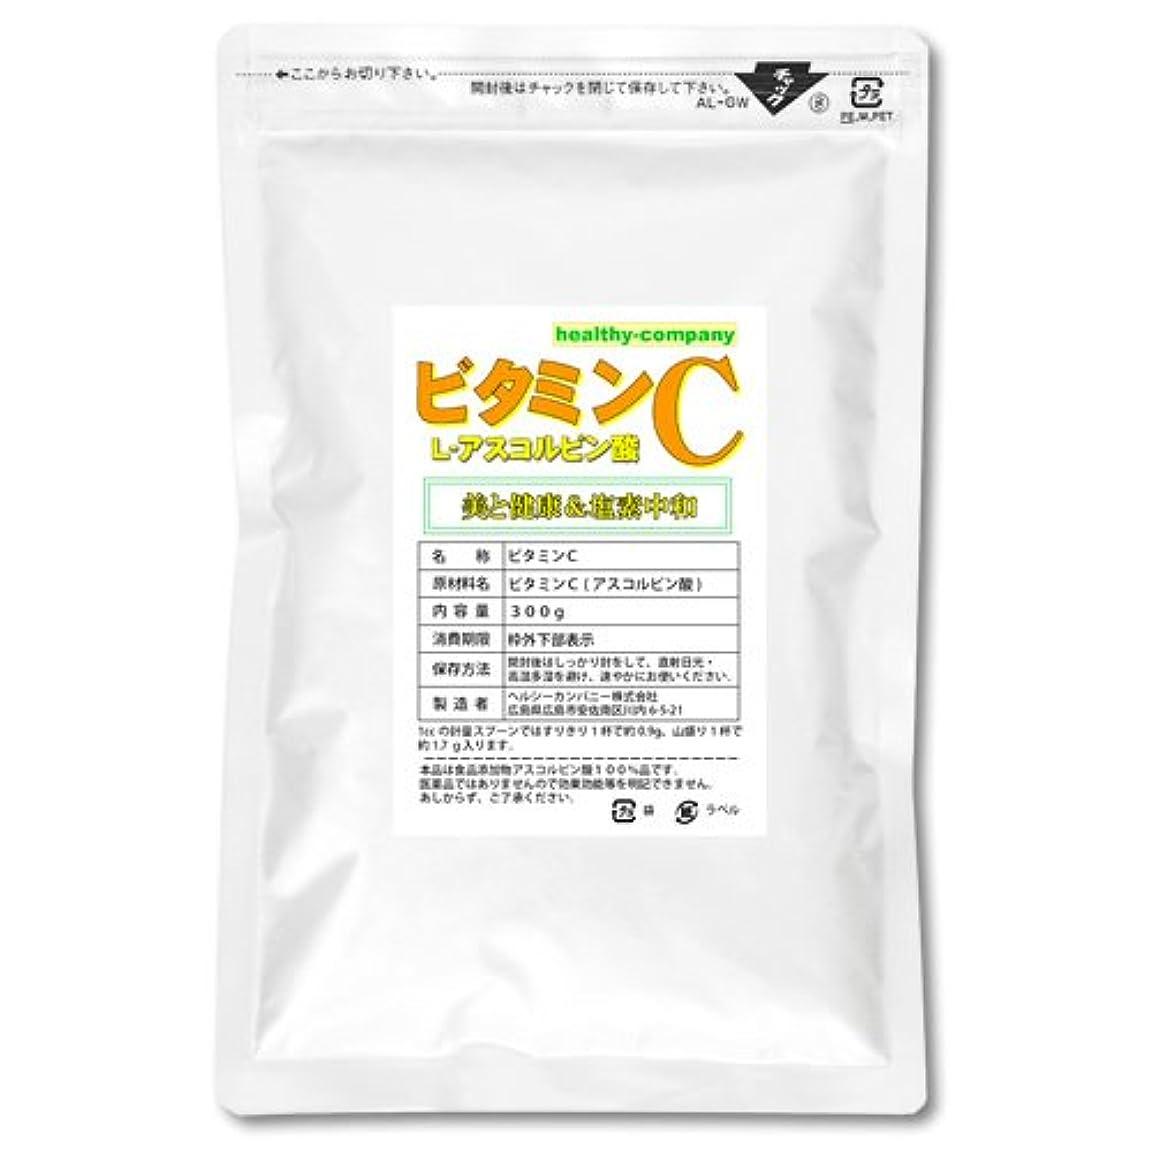 有効コテージ船ビタミンC(アスコルビン酸)300g 粉末 100%品 食品添加物規格